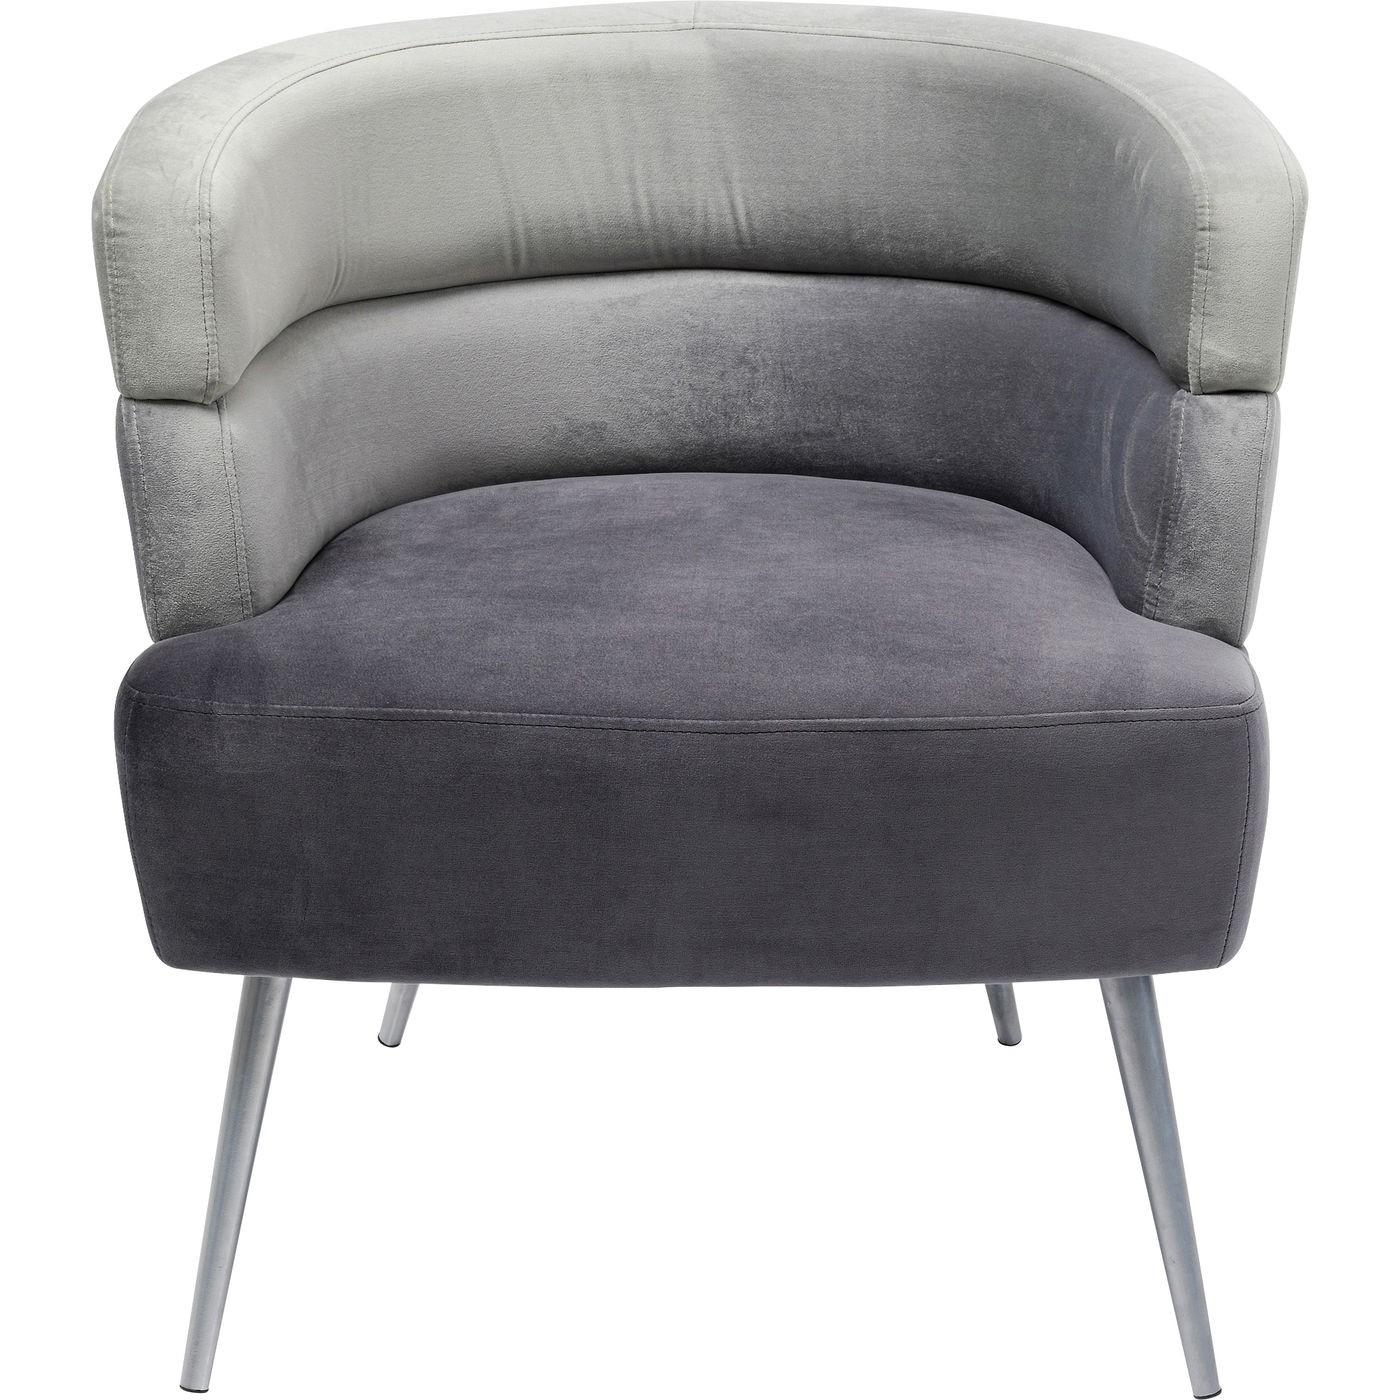 Fauteuil en velours gris et acier chromé